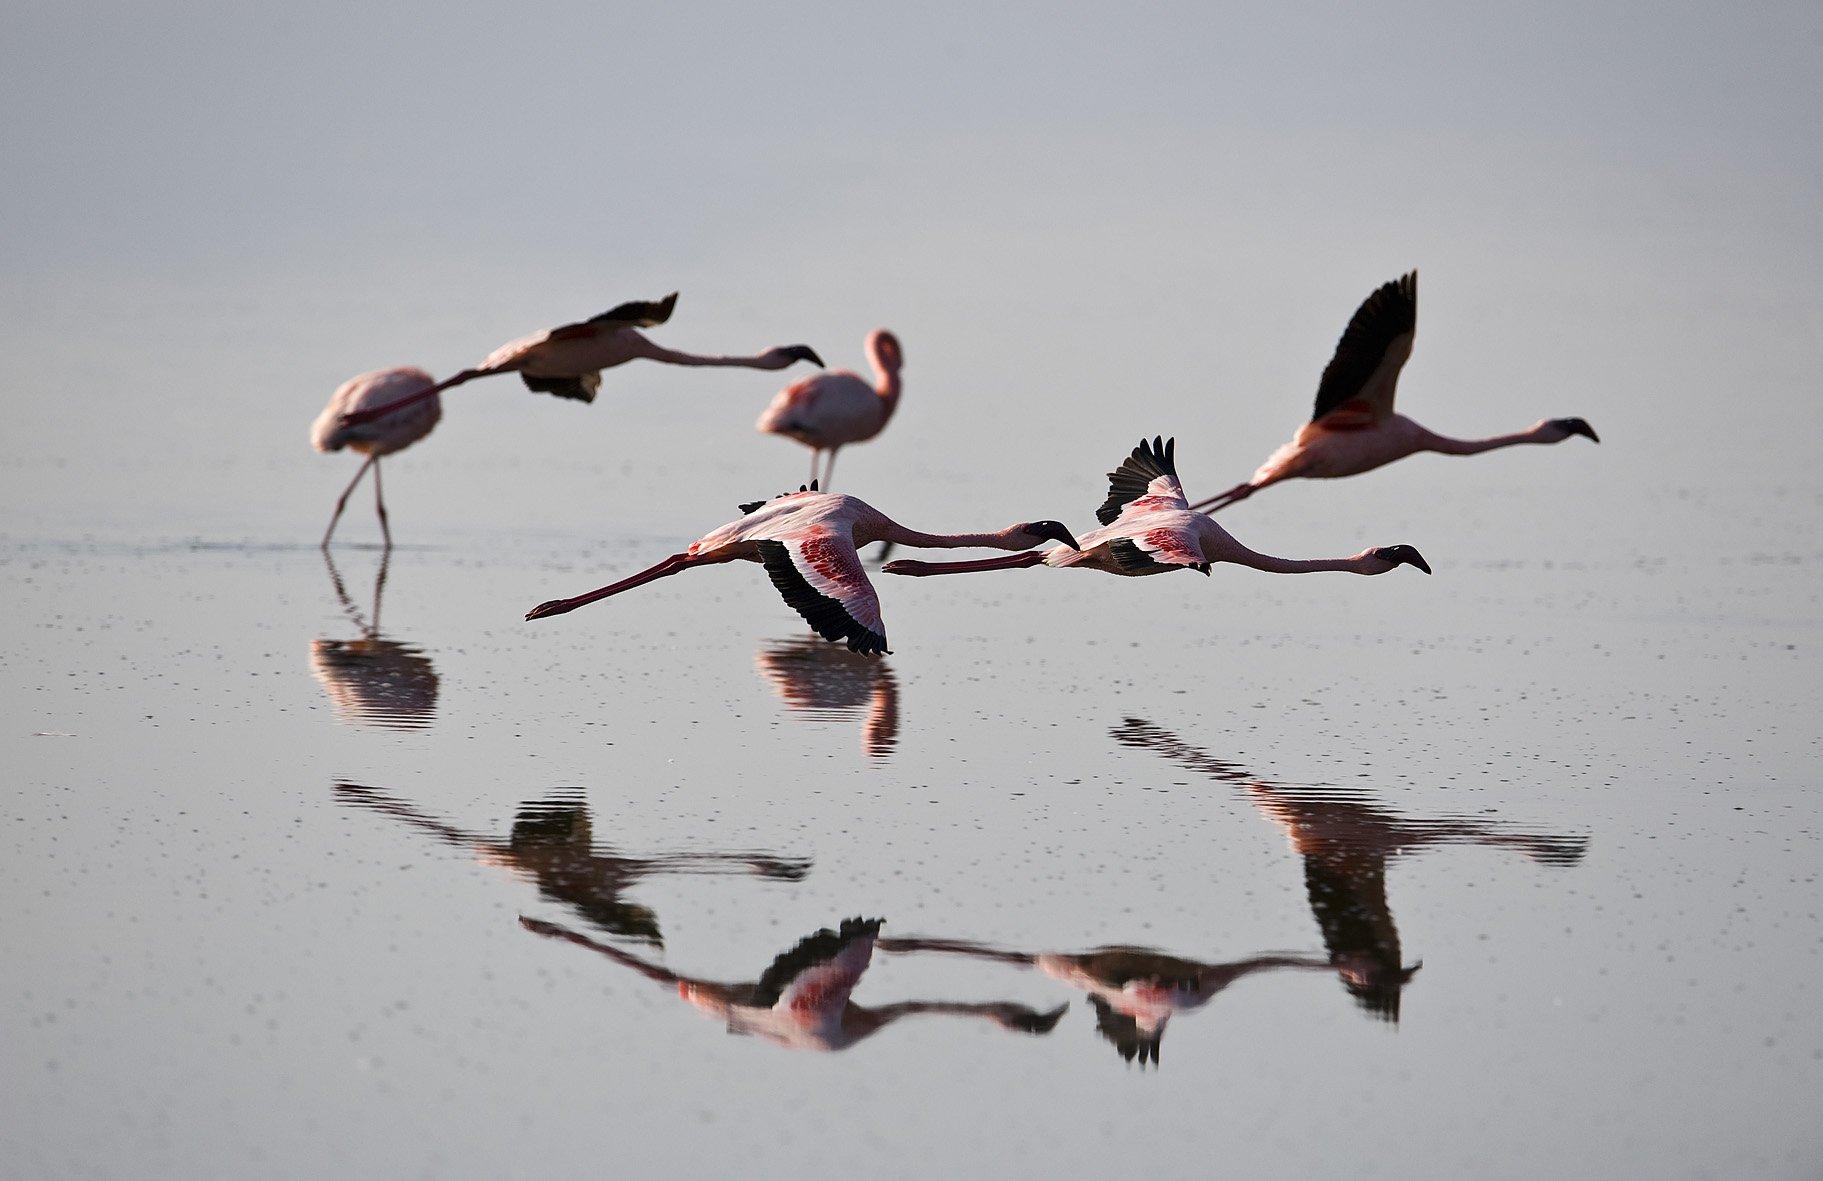 розовое, фламинго, найкуру, Roman Gamurar